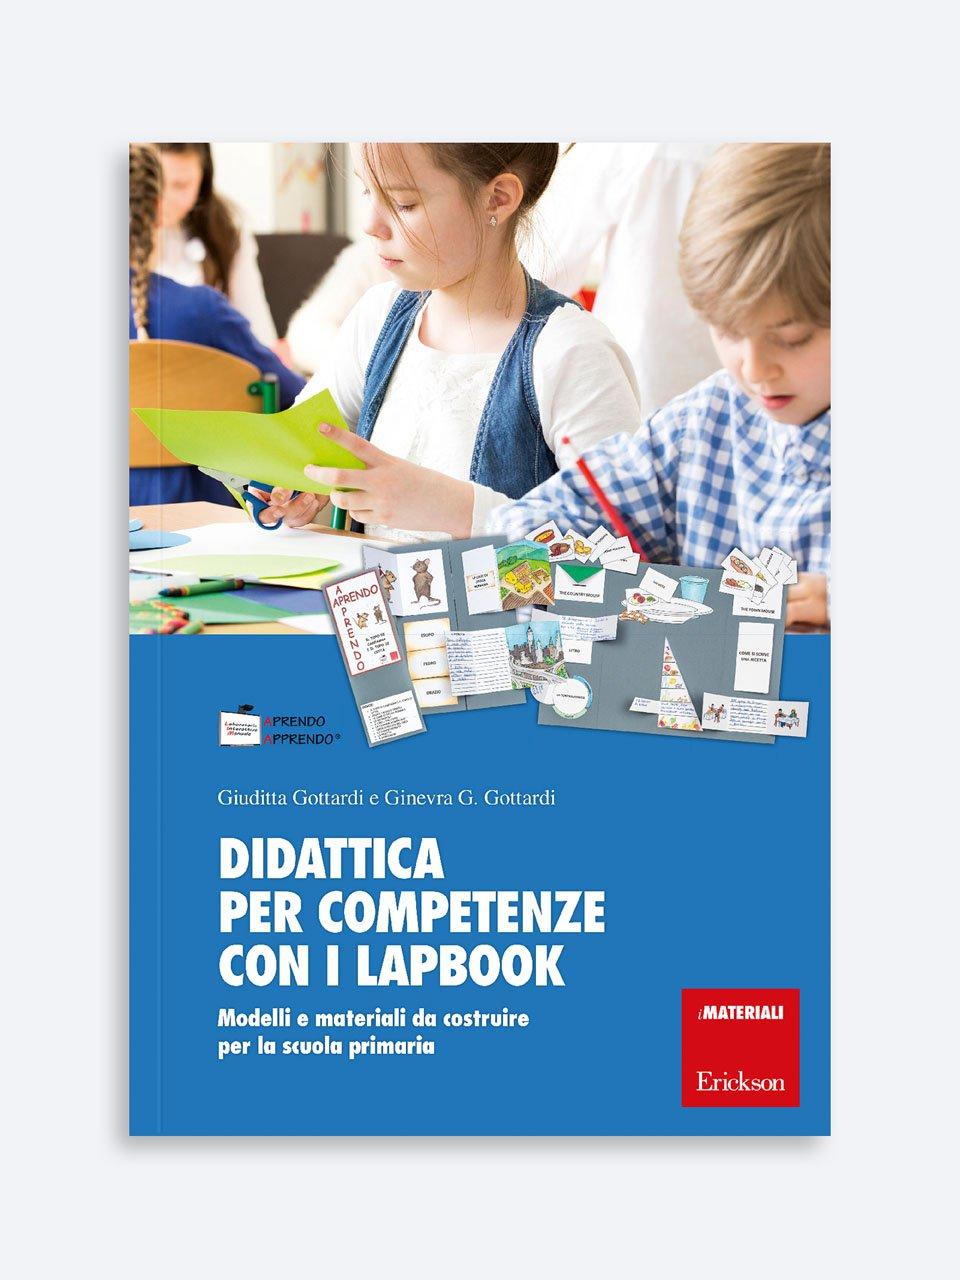 Didattica per competenze con i lapbook - Tutoring - Libri - Erickson